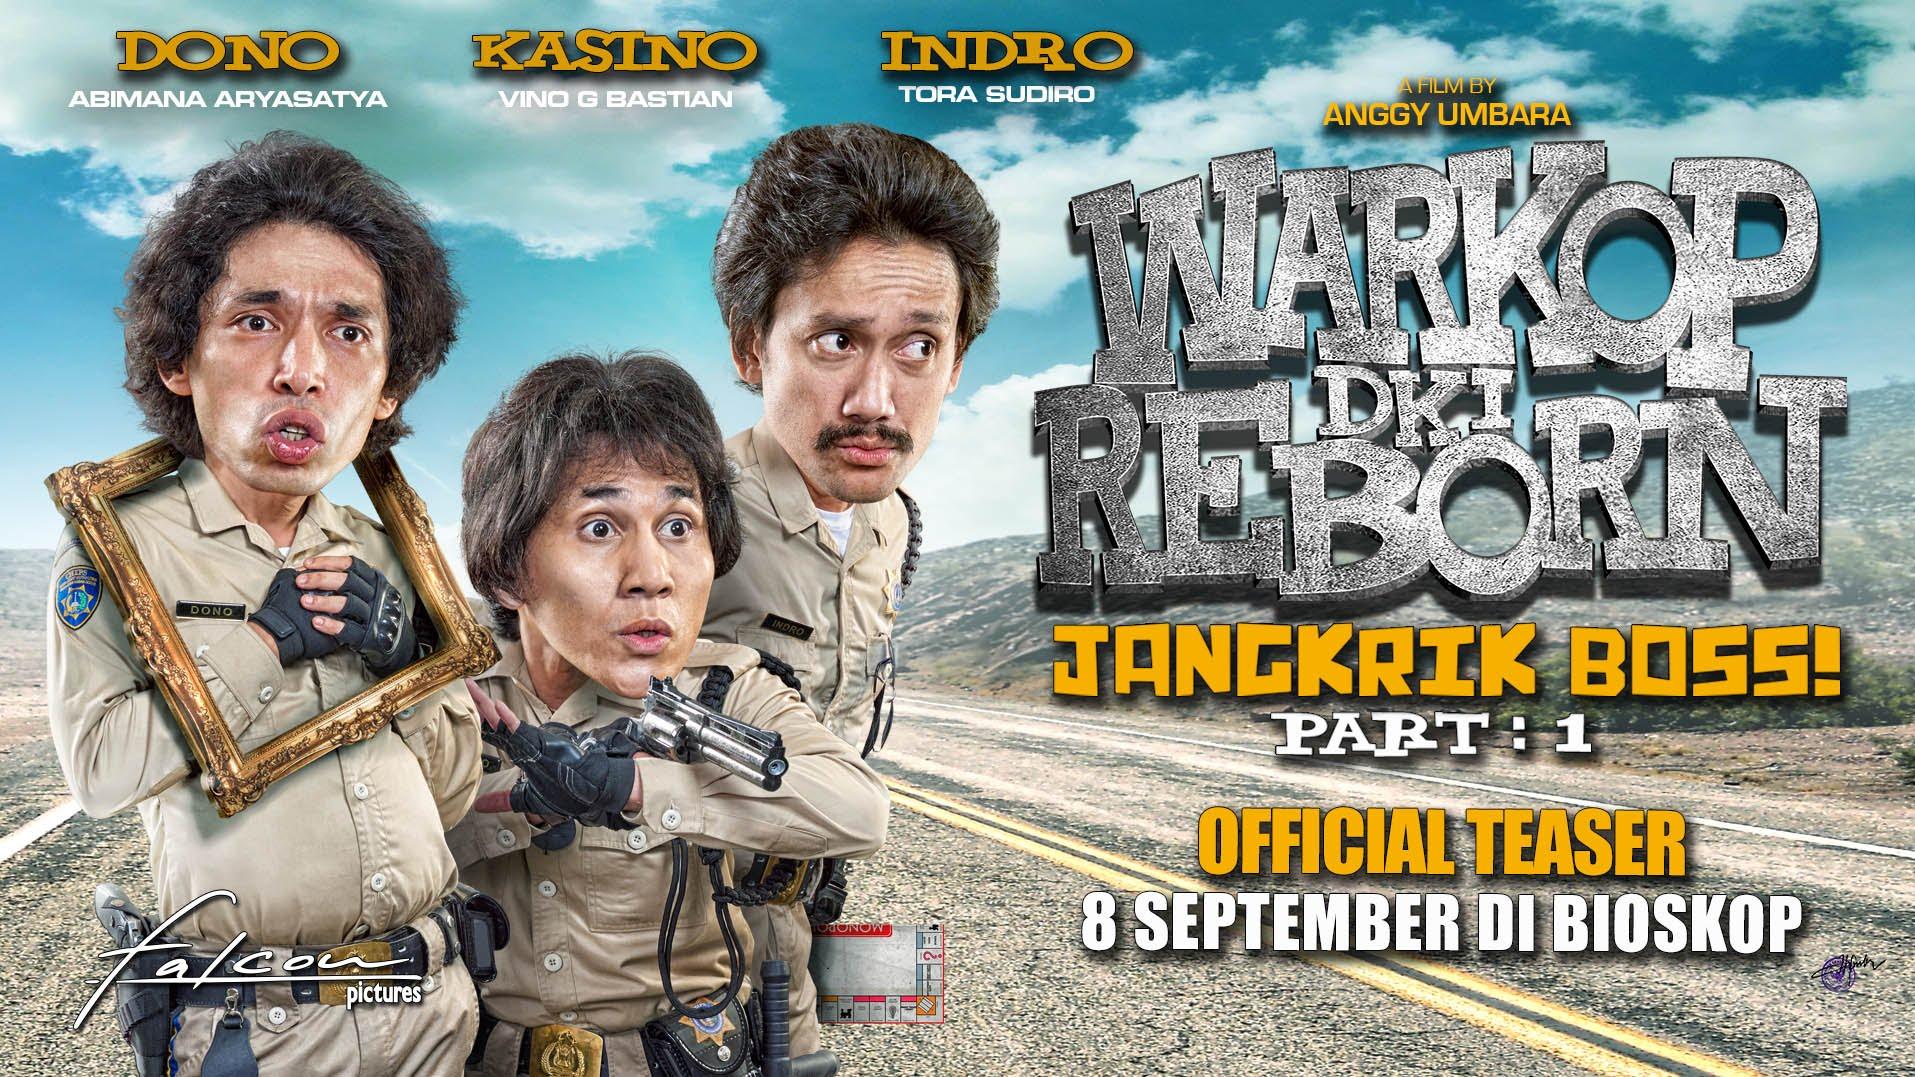 Lima Film Terlaris di Indonesia Sepanjang 2016 - Uzone